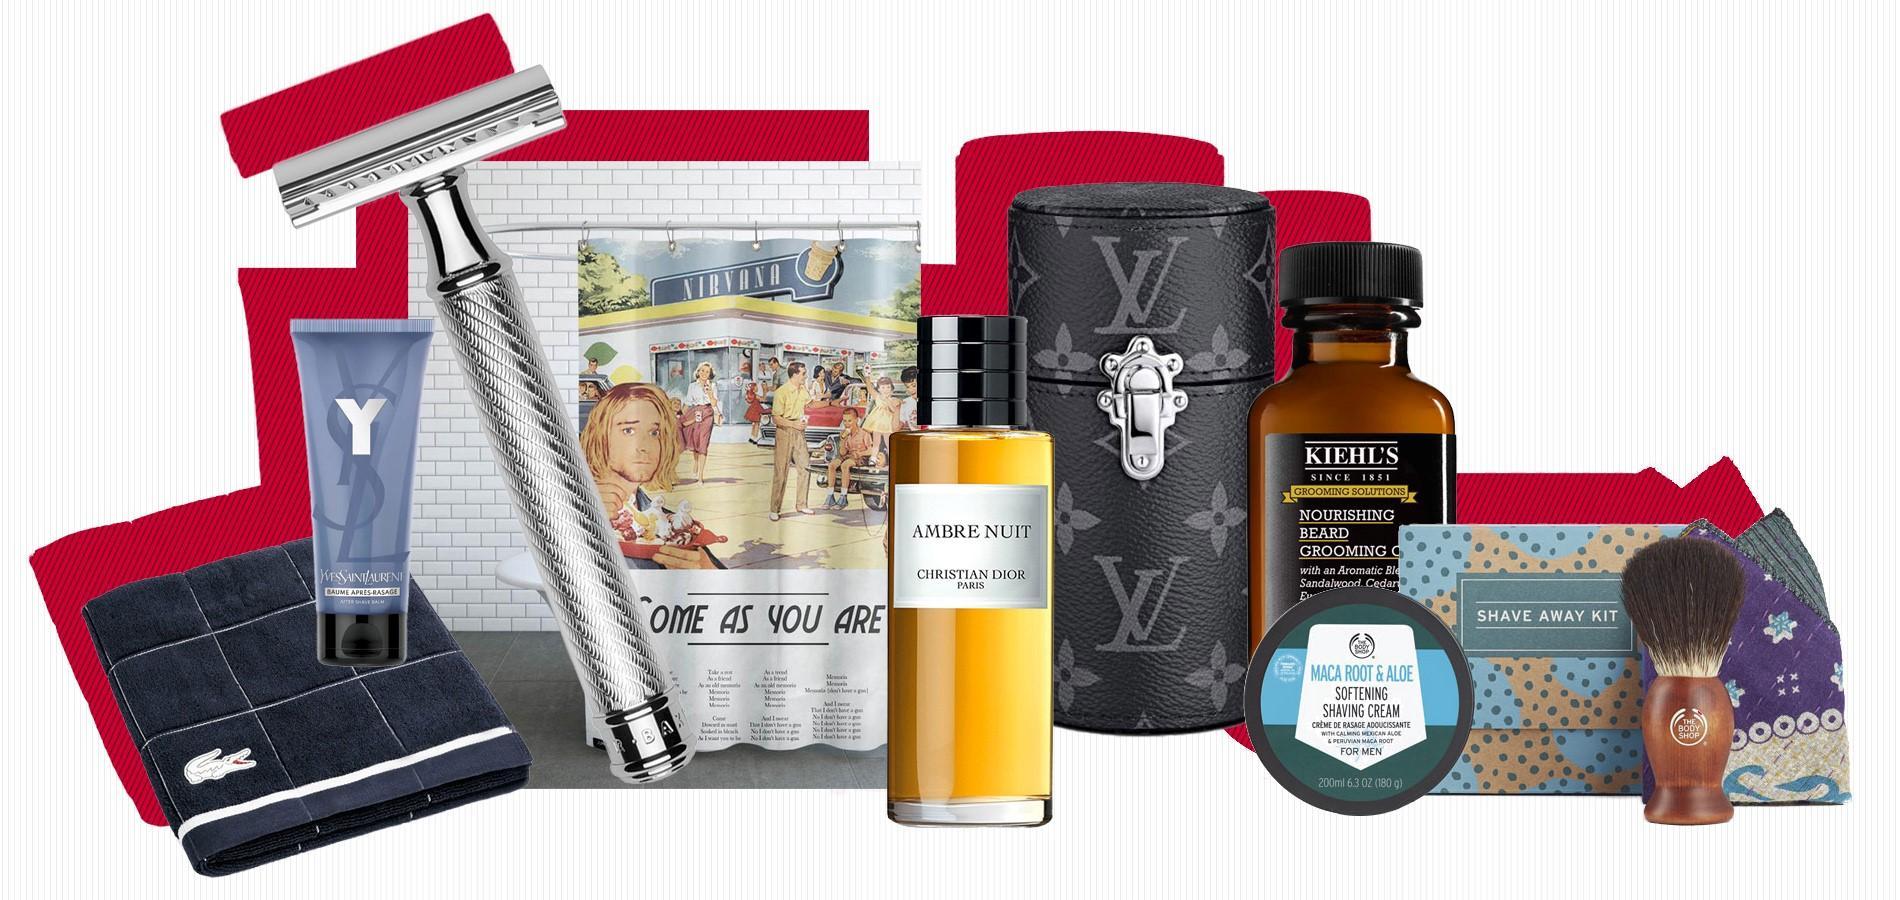 Barbe, parfum, soin... Nos idées de cadeaux de toute beauté pour nos hommes b482f41f27a5